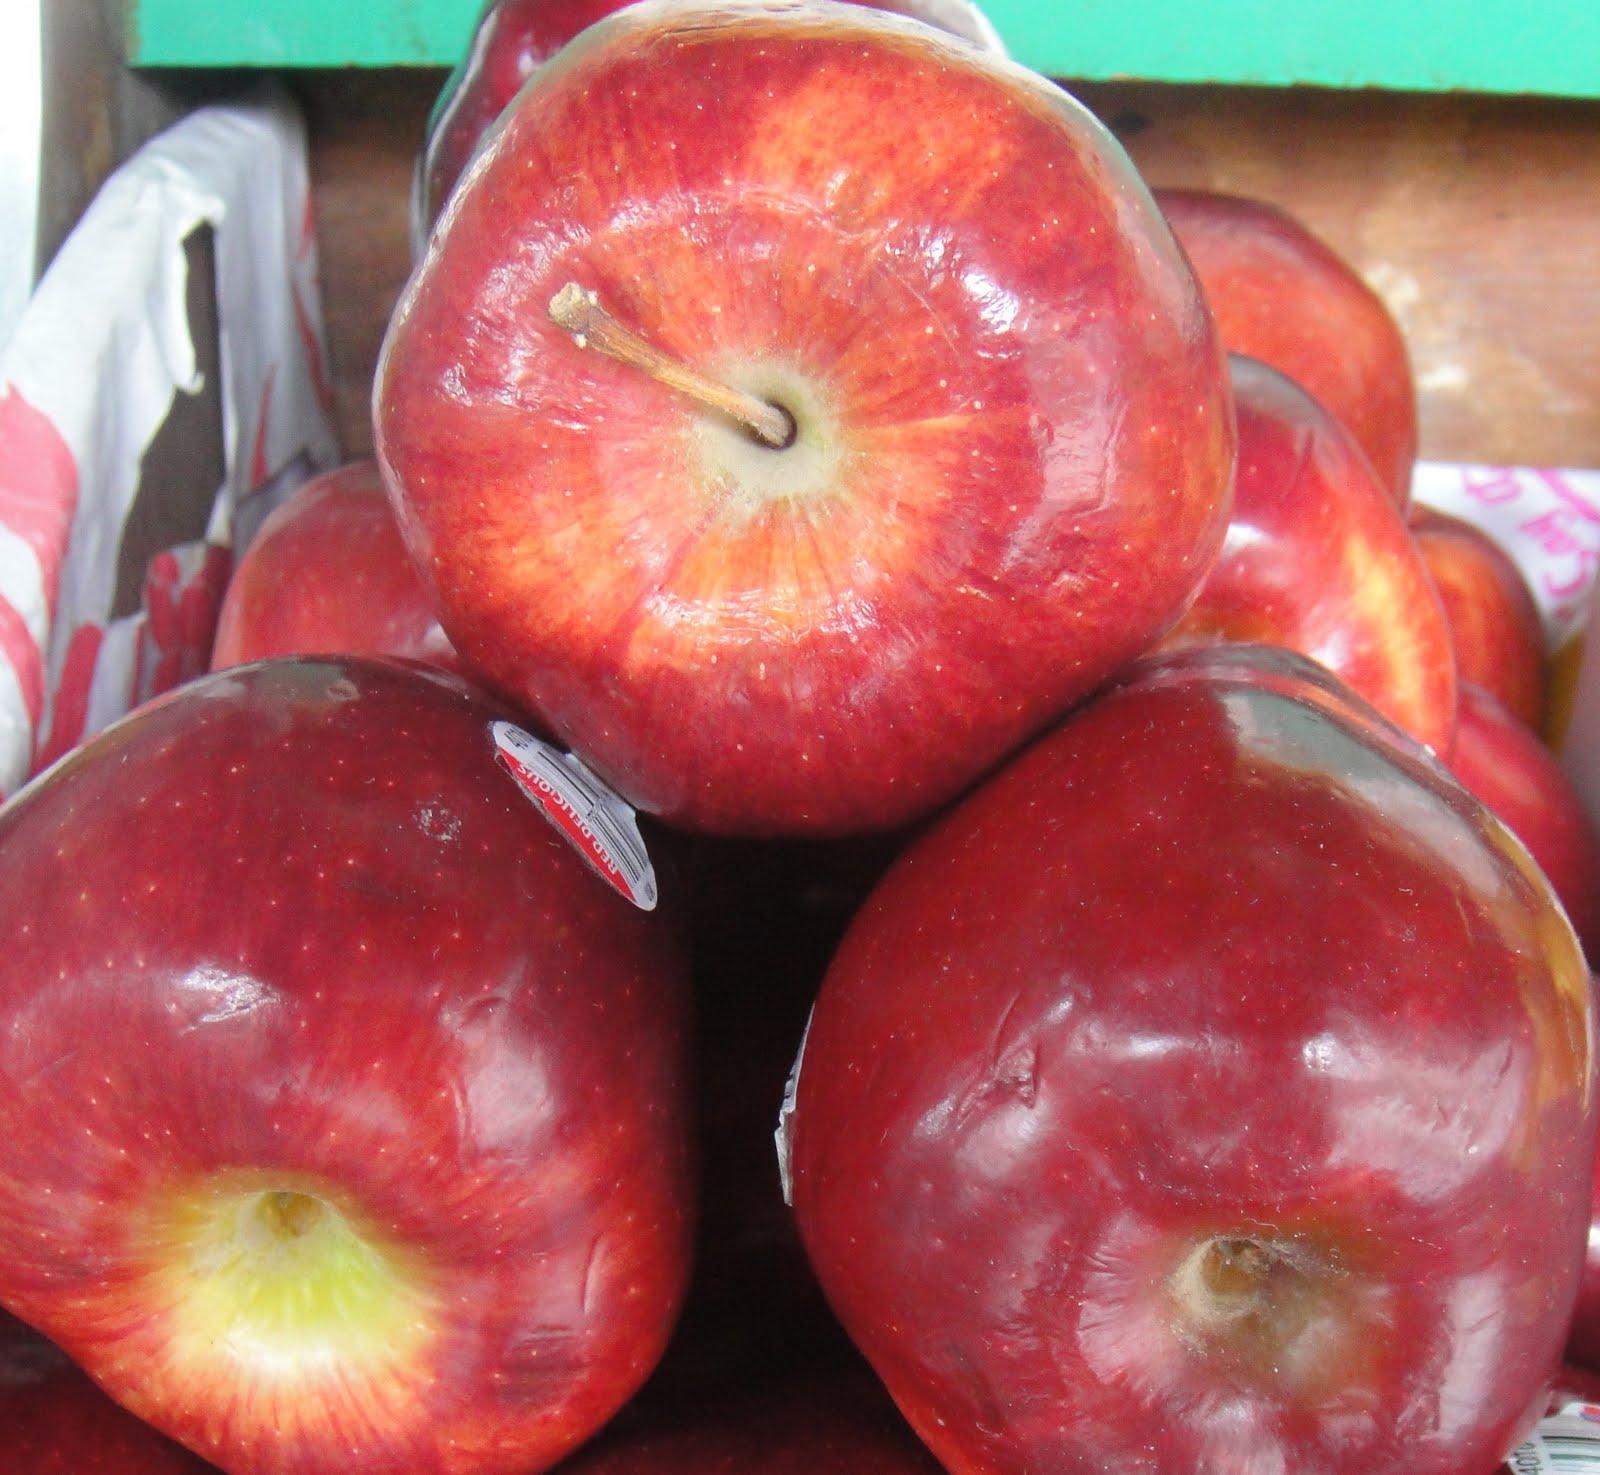 Forbidden fruit syndrome